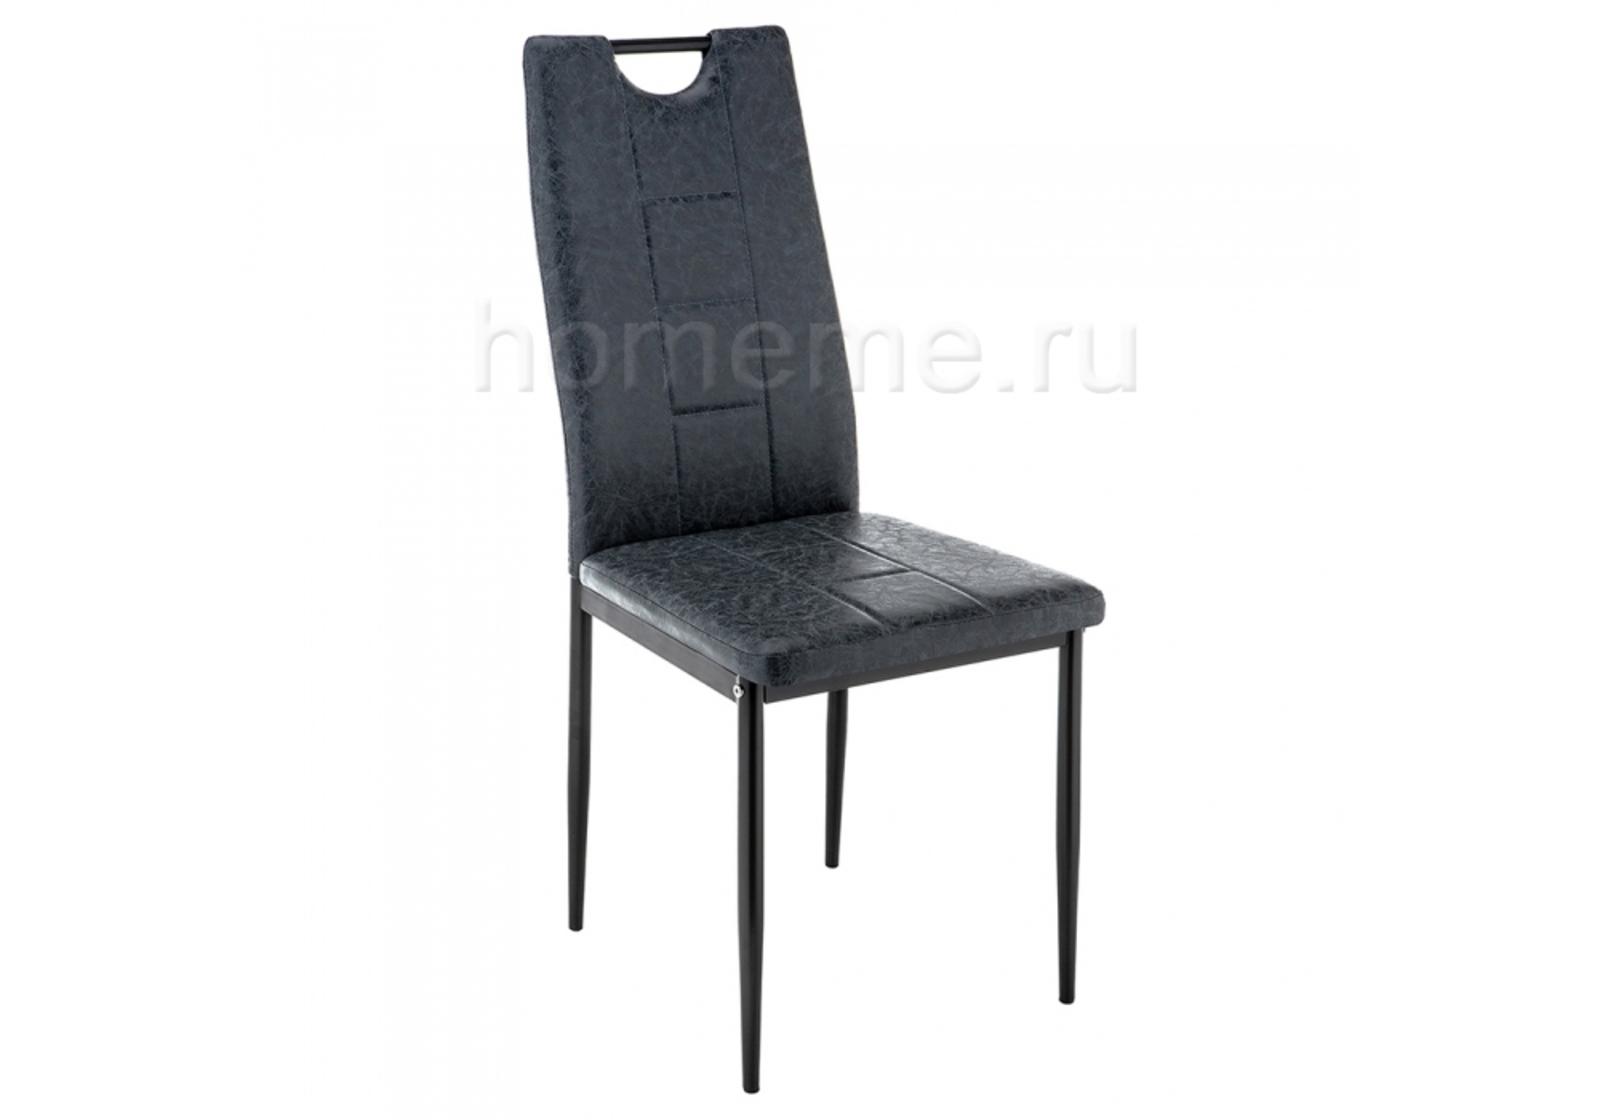 Стул HomeMe Hant синий 11226 от Homeme.ru